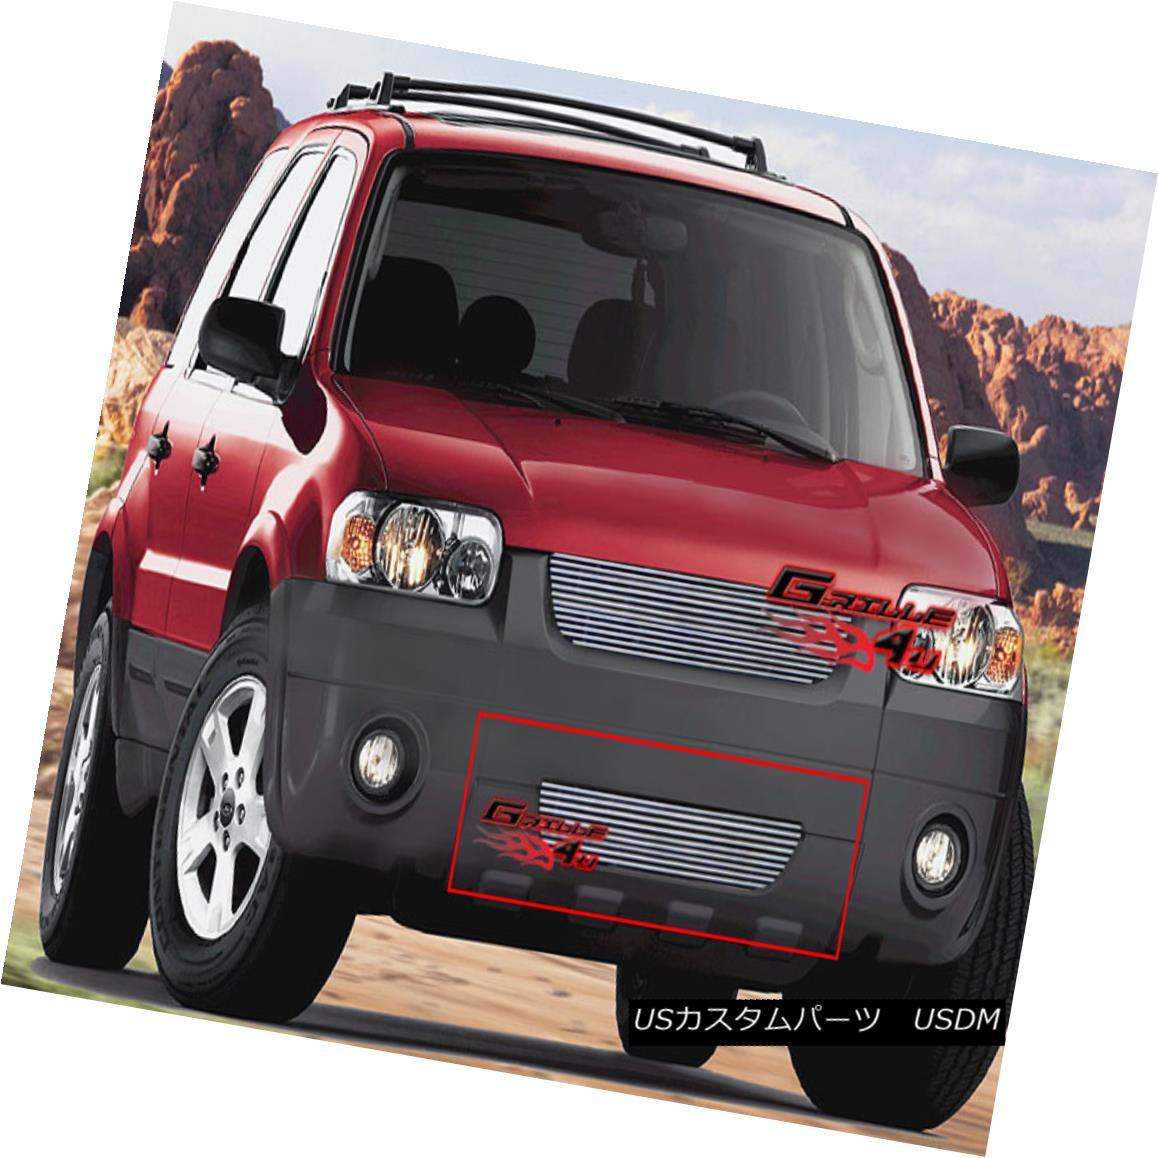 グリル Fits 2005-2007 Ford Escape Bumper Billet Grille Insert フィット2005-2007フォードエスケープバンパービレットグリルインサート